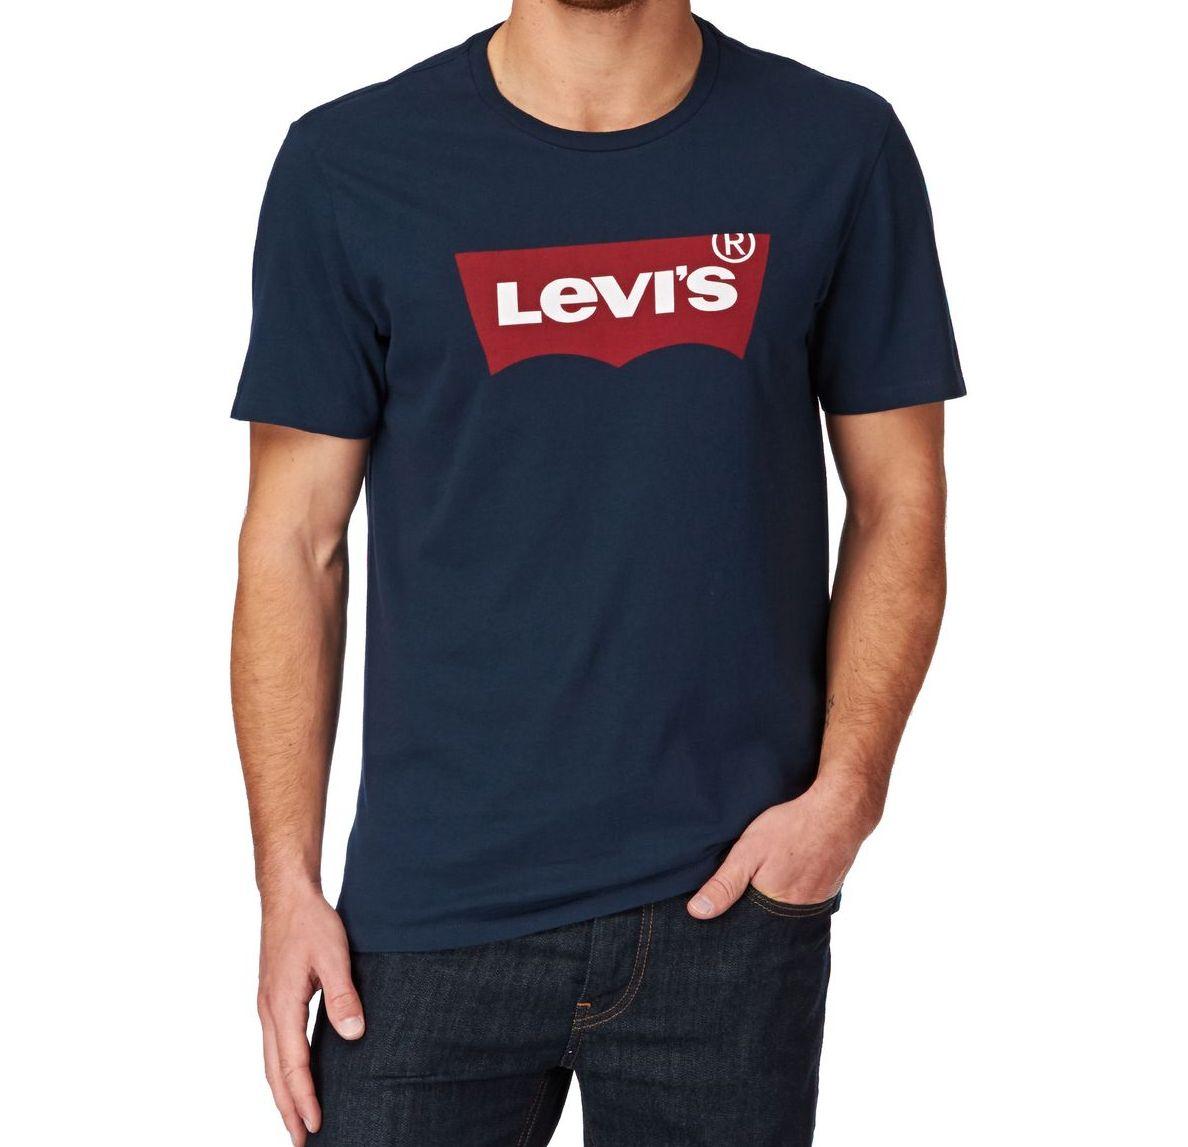 levis-t-shirts-levis-graphic-setin-neck-t-shirt-graphic-dress-blues